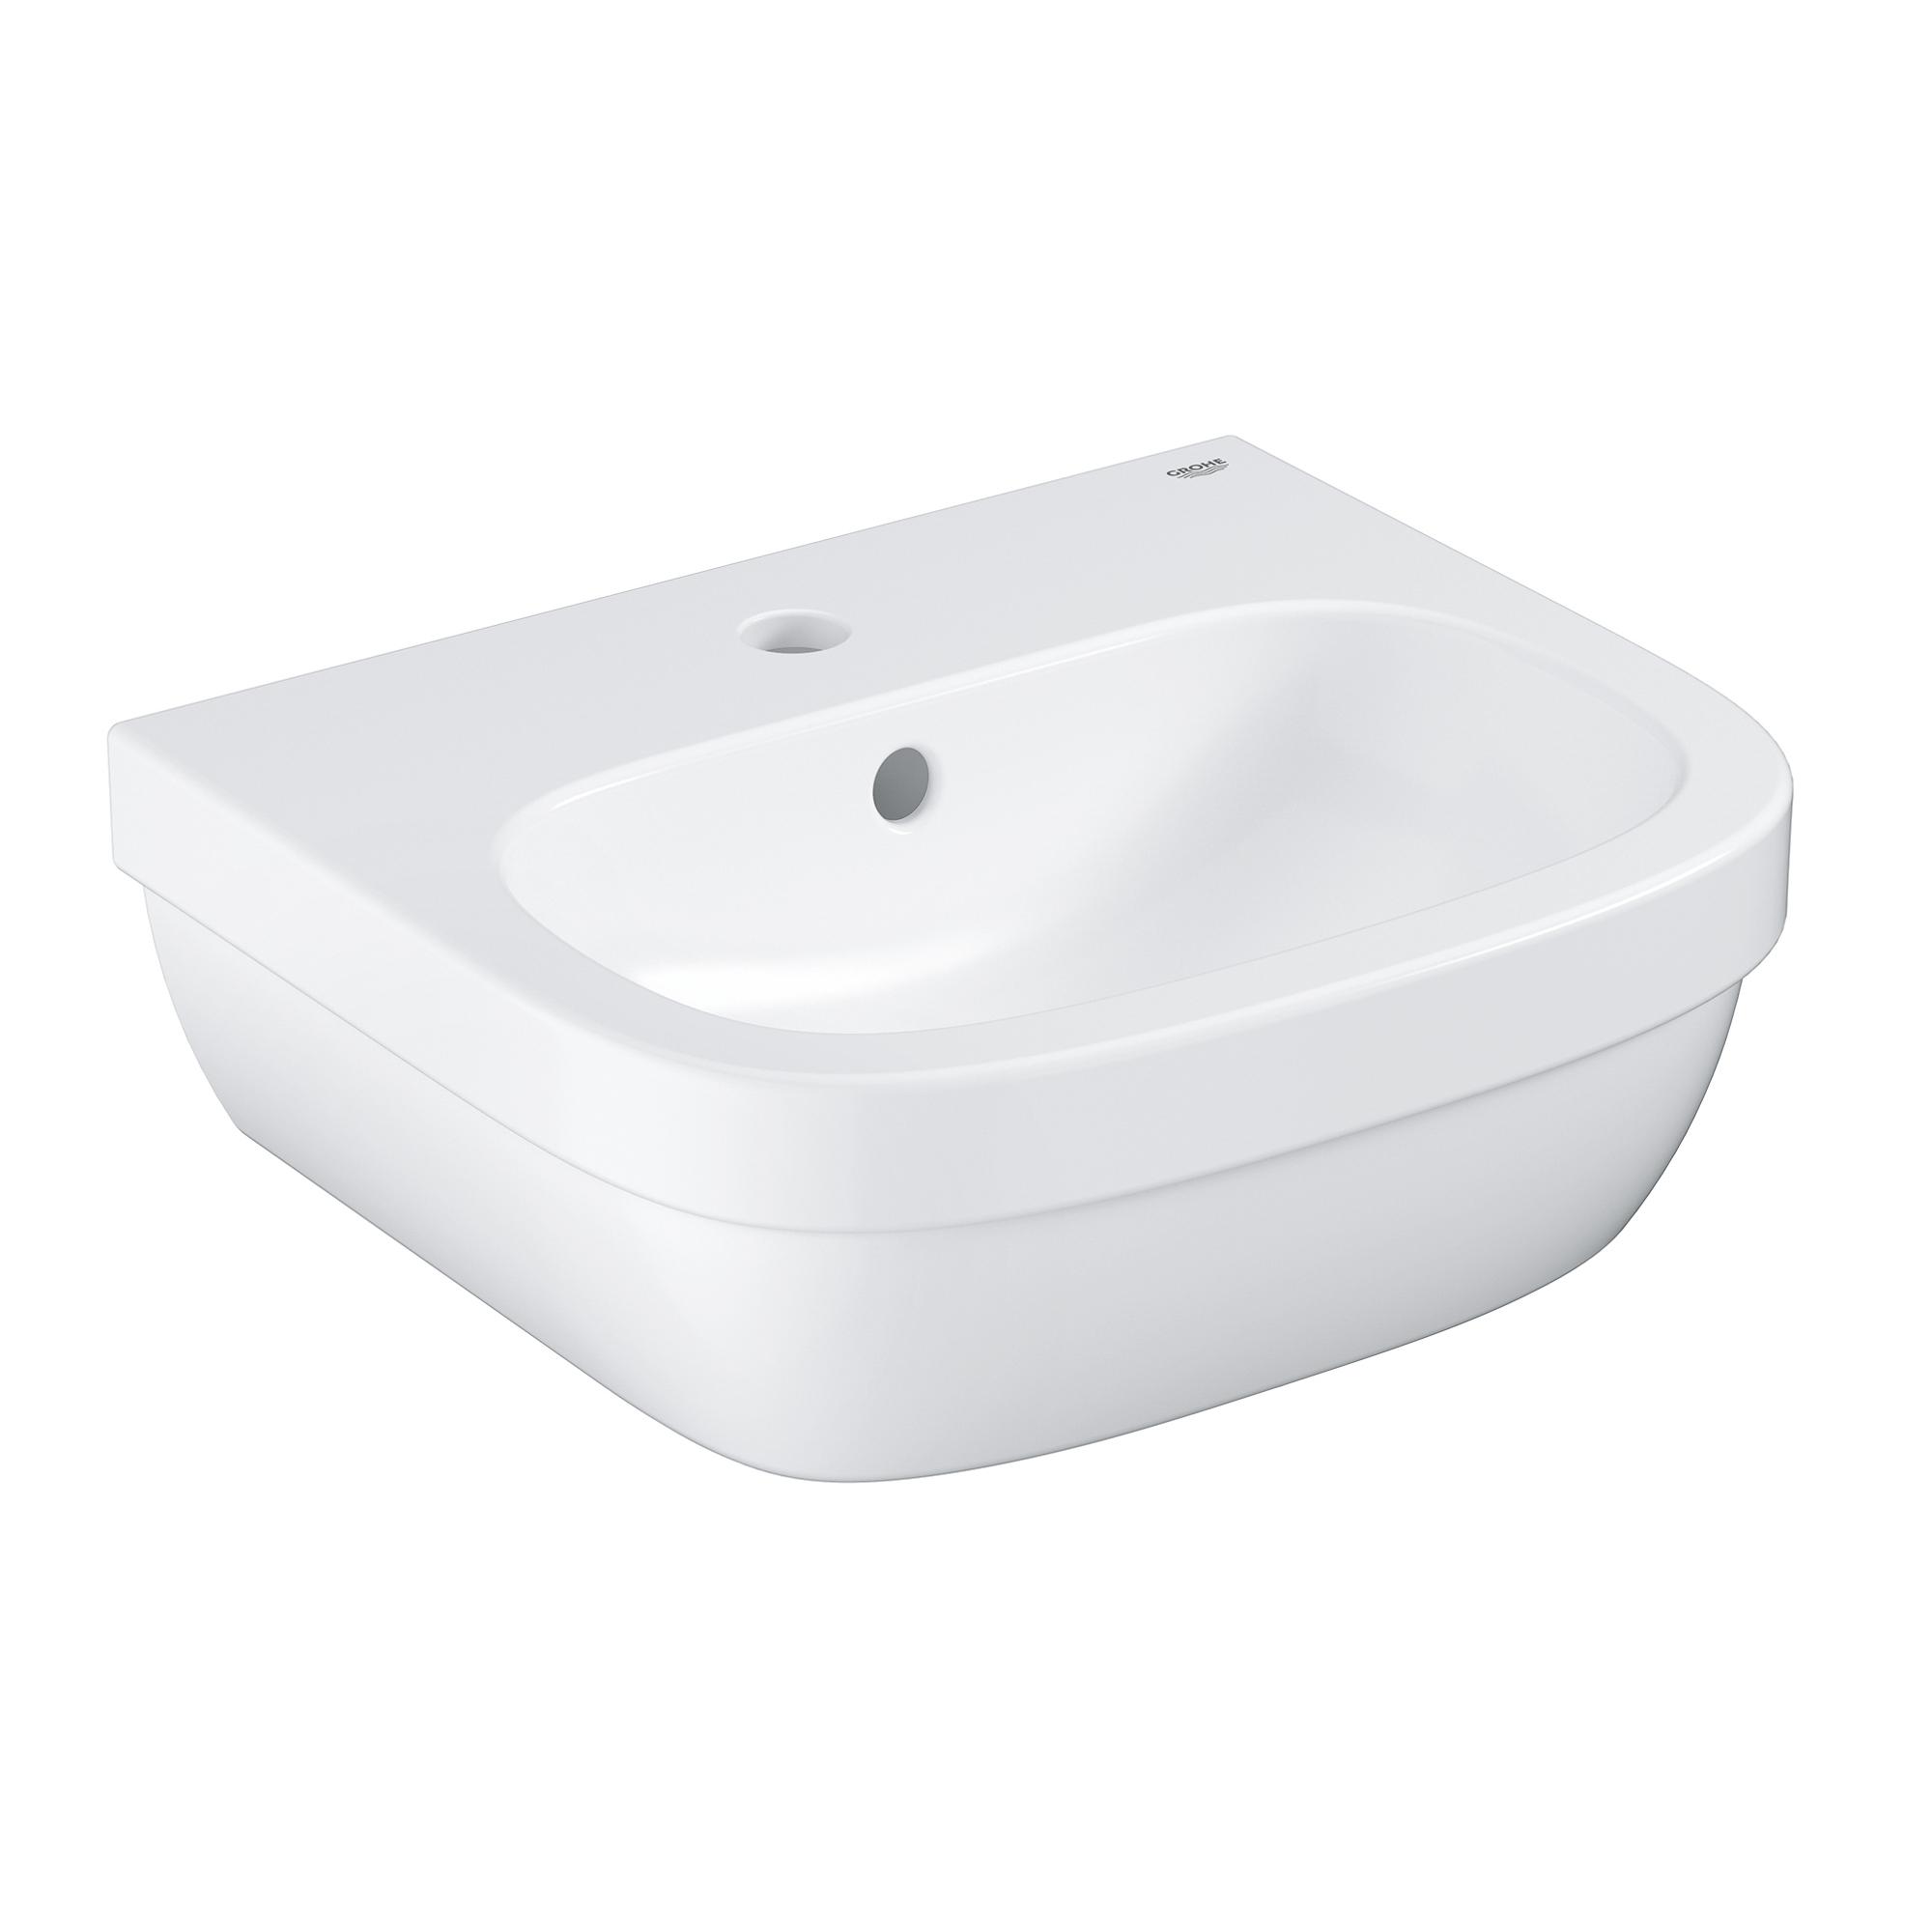 Купить Мини-раковина GROHE Euro Ceramic 45 см, альпин-белый (39324000), Раковины санфаянс, Вьетнам, сантехнический фарфор